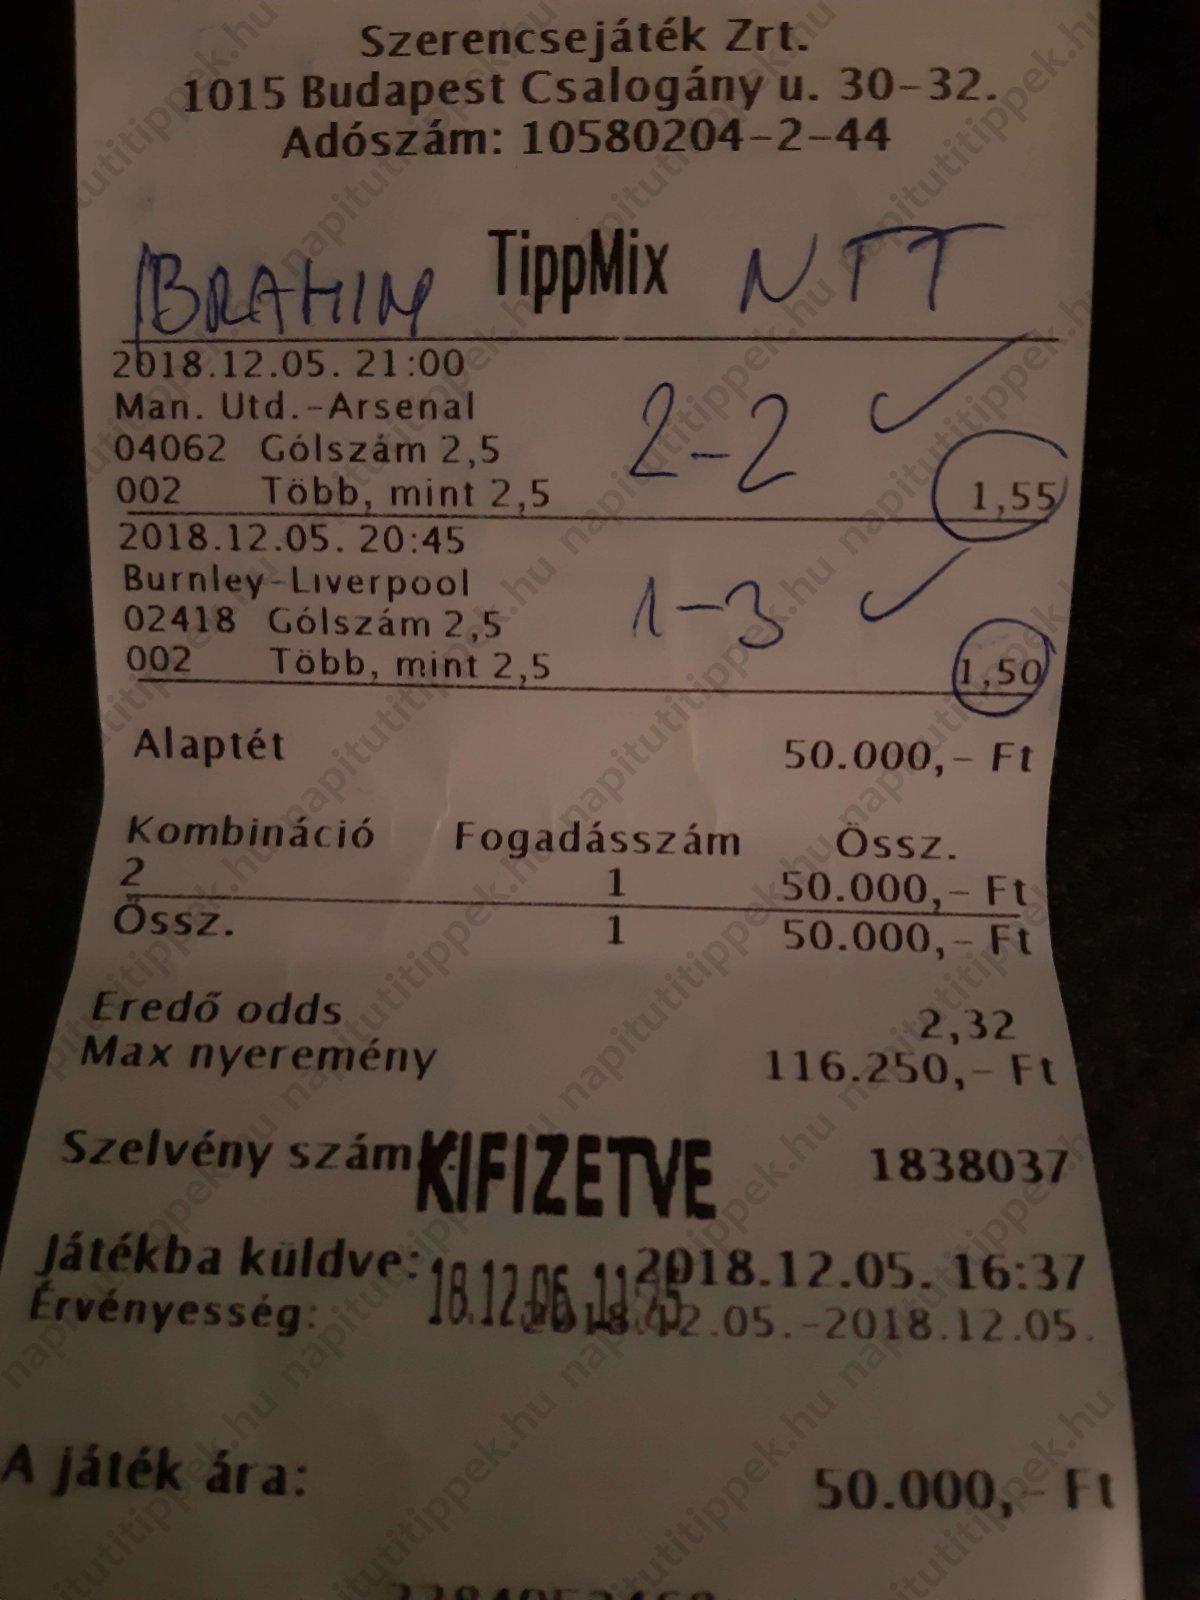 Tippmix tippek, mérkőzés elemzések, statisztikai adatok. Napi ingyenes tippek. Csatlakozz Magyarország legsikeresebb sportfogadó csapatához!